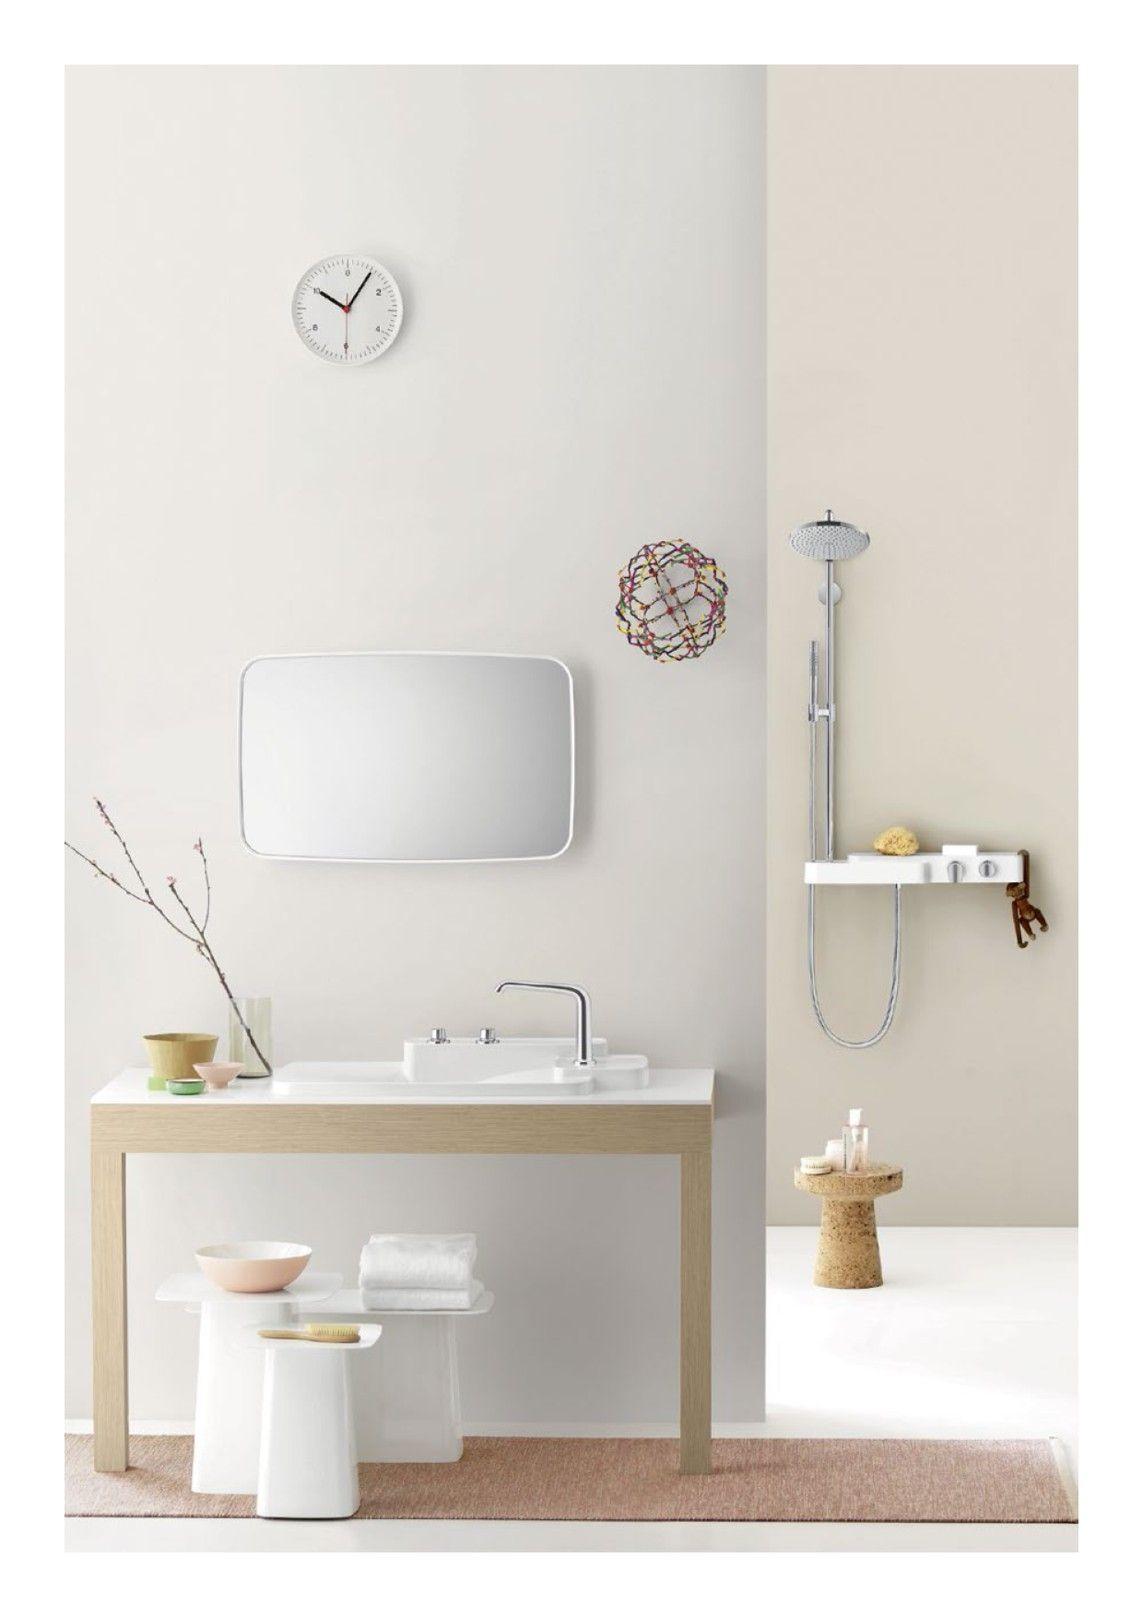 Hansgrohe håndvaskarmatur. #Hansgrohe #bathroom #armatur #vvscomfort ...